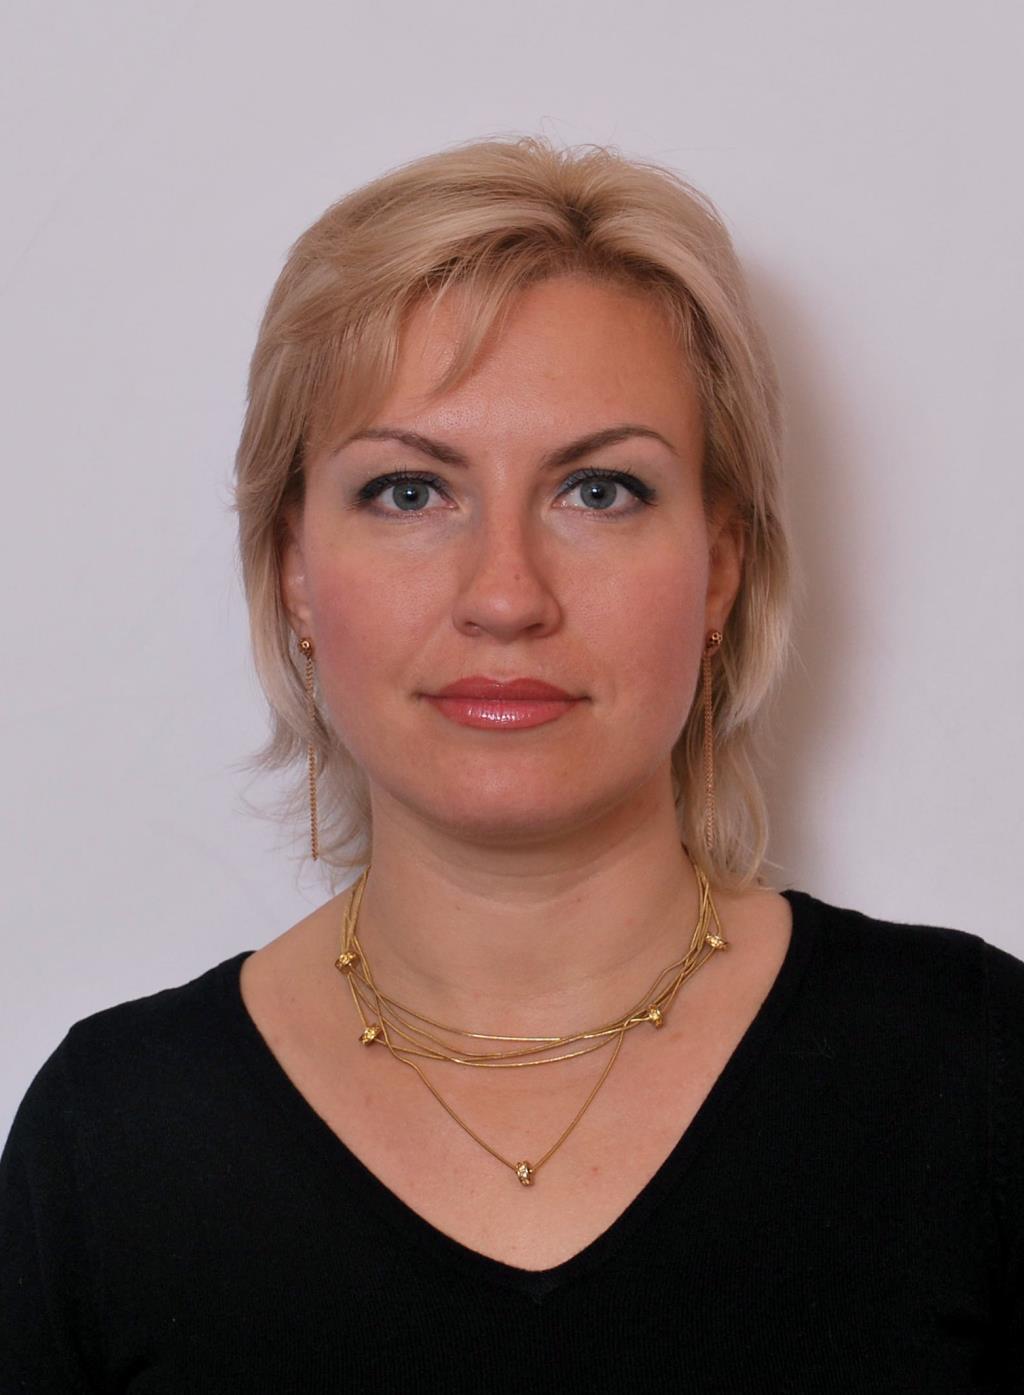 аня-грач